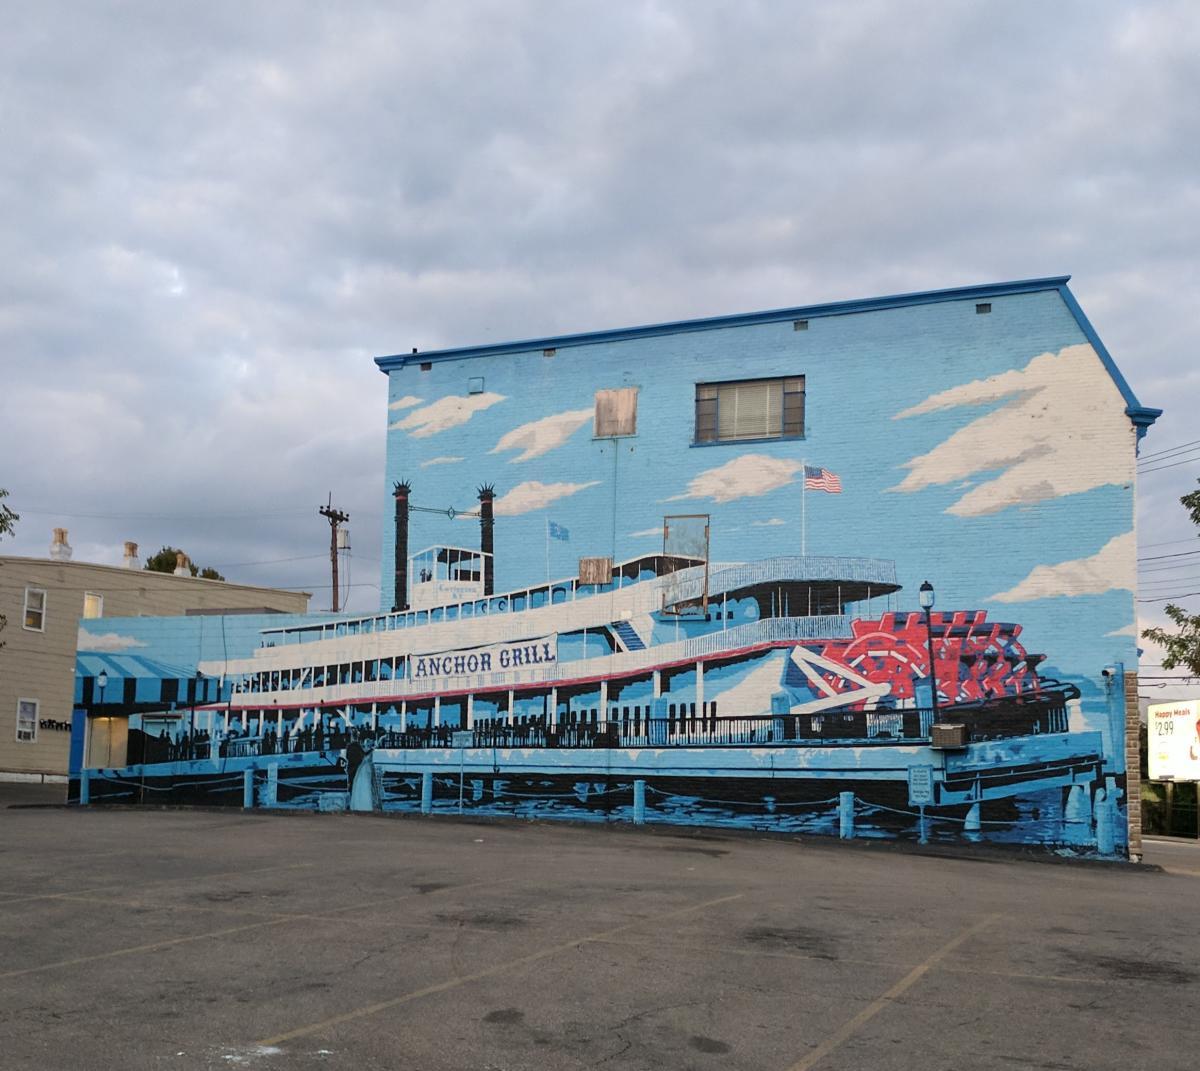 Anchor Grill Covington Kentucky exterior